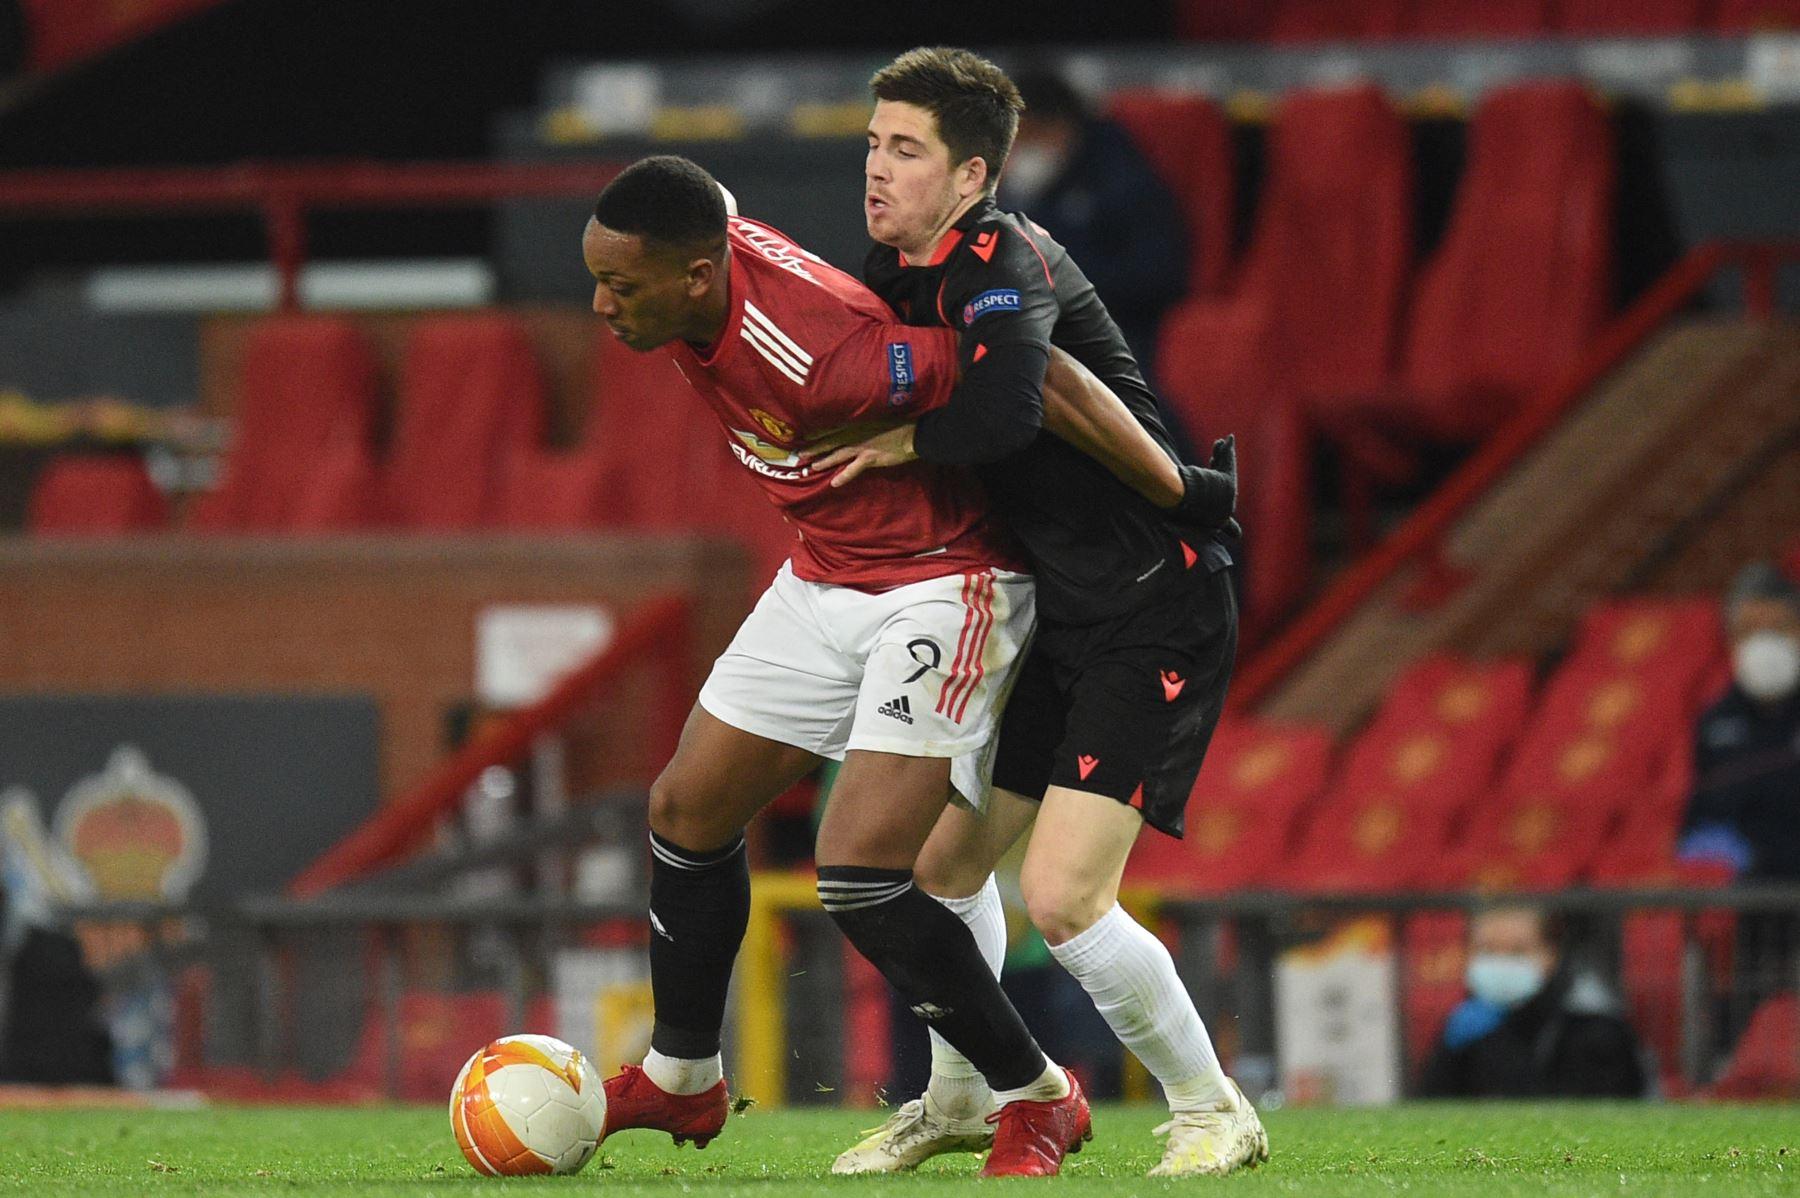 El delantero francés del Manchester United Anthony Martial detiene al centrocampista español de la Real Sociedad Igor Zubeldia durante la ronda de 32 de la UEFA Europa League. Foto: AFP